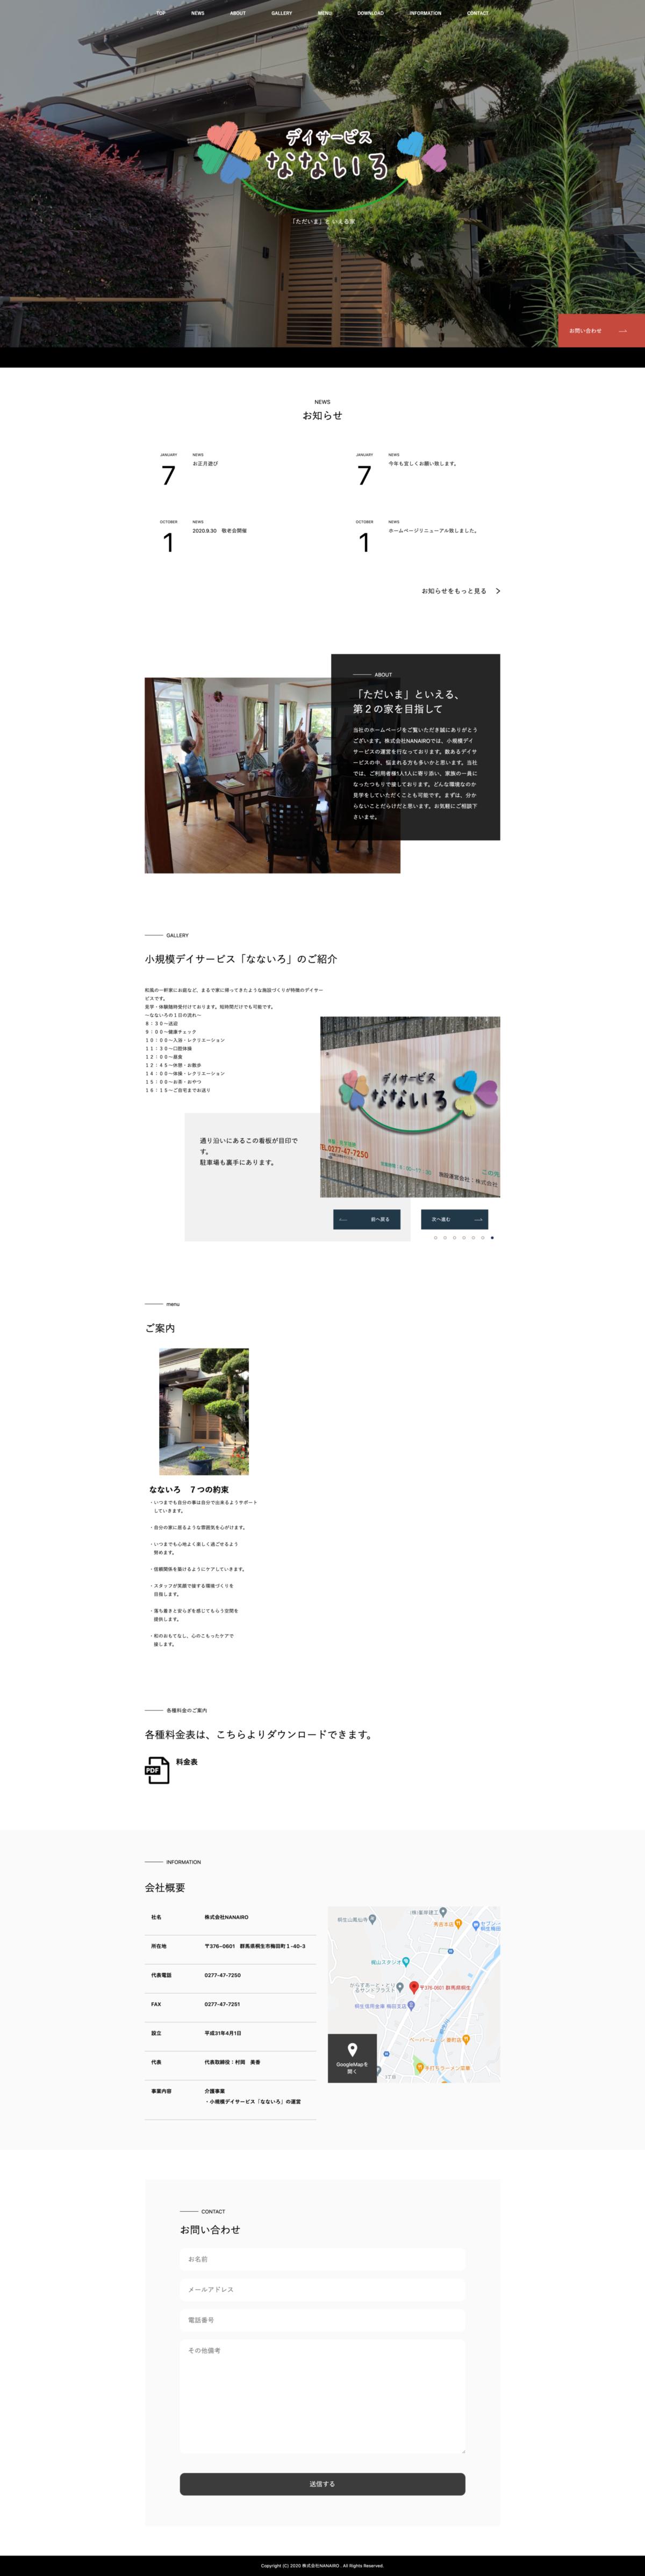 株式会社NANAIRO様 Webサイト/ロゴ/名刺/チラシ制作